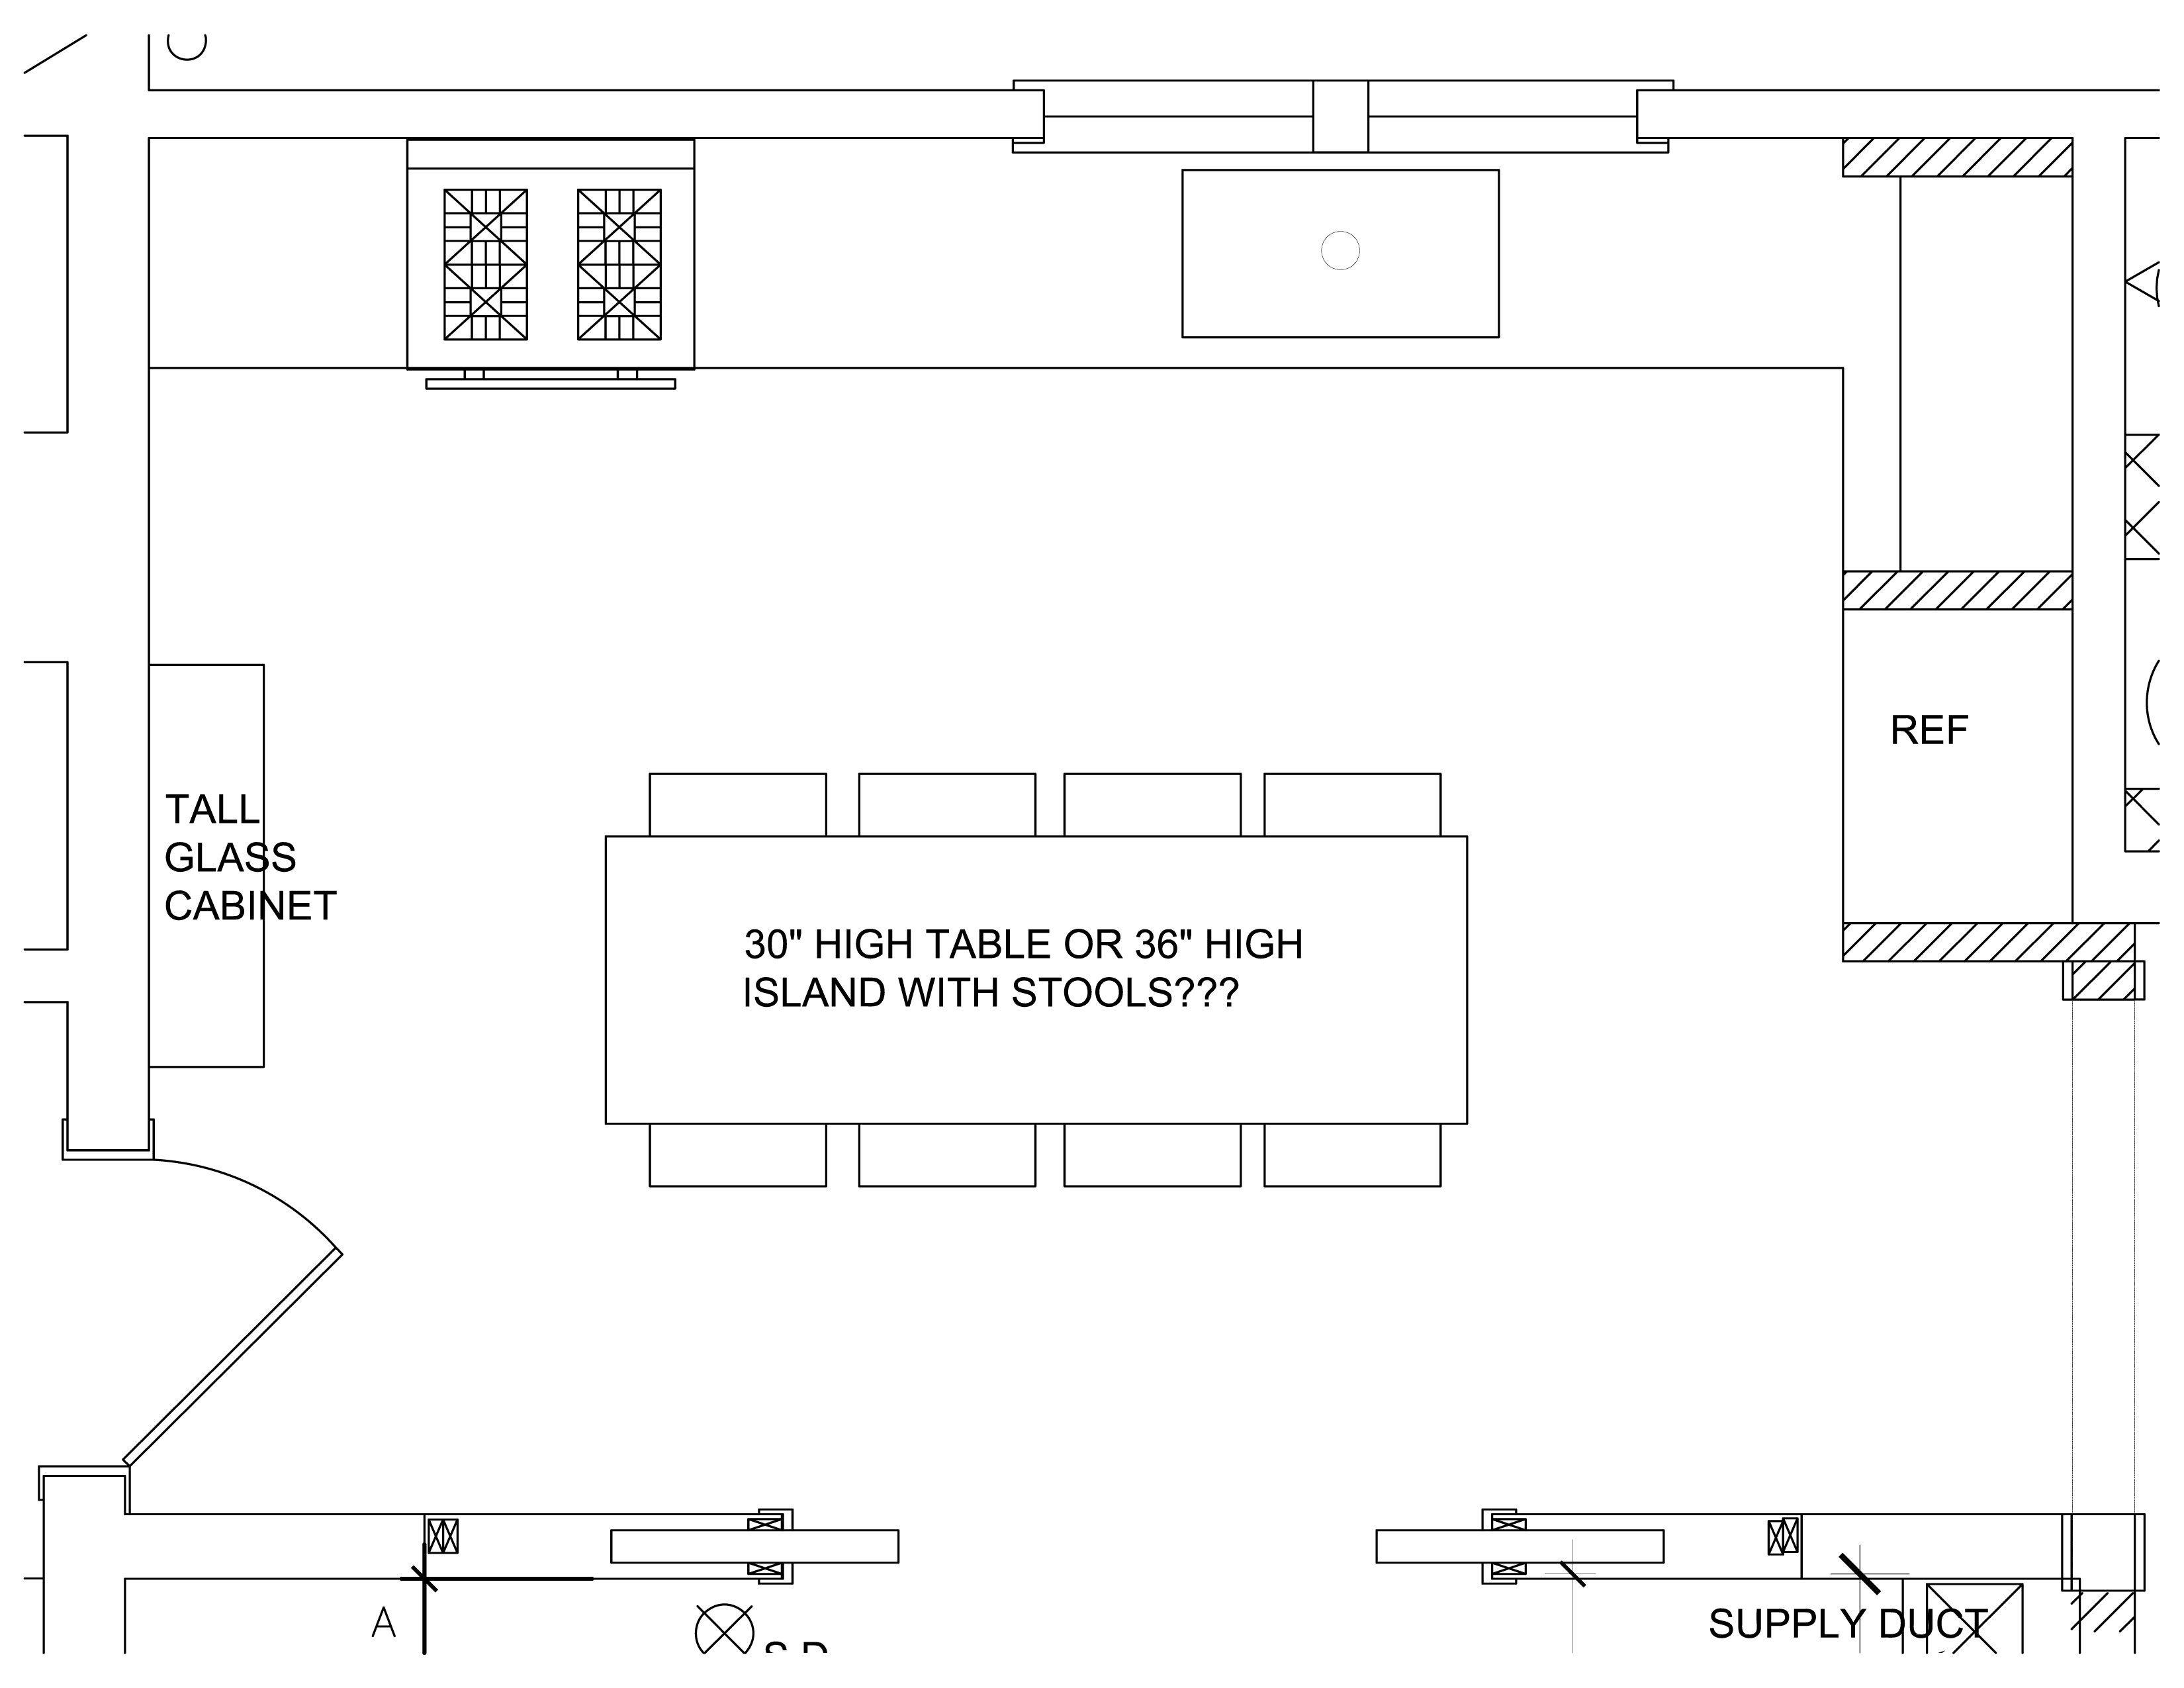 Online Kitchen Tile Backsplash Ideas Designing Kitchen Layout Mesmerizing Kitchen Design Online Software Design Ideas